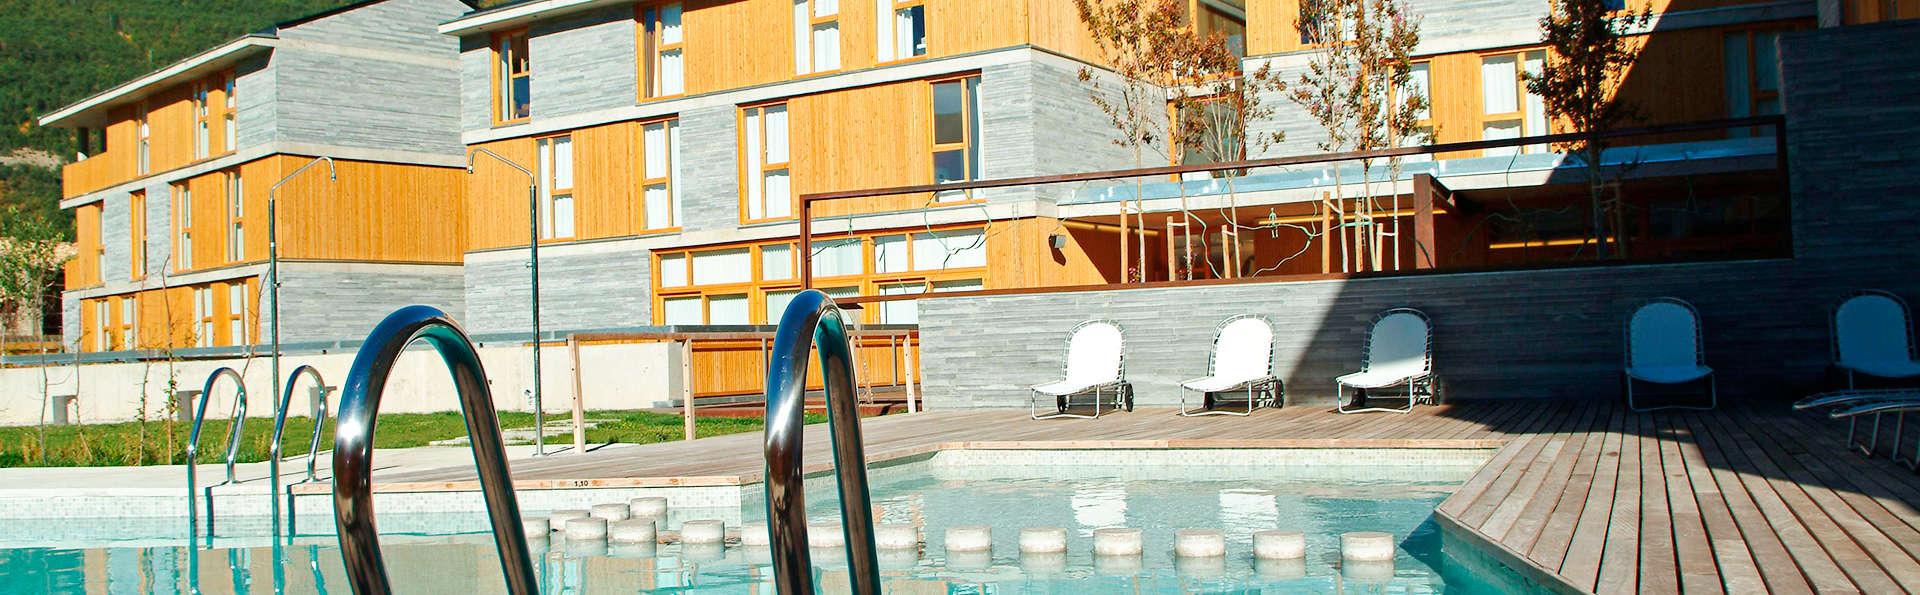 Hotel Tierra de Biescas - EDIT_pool1.jpg